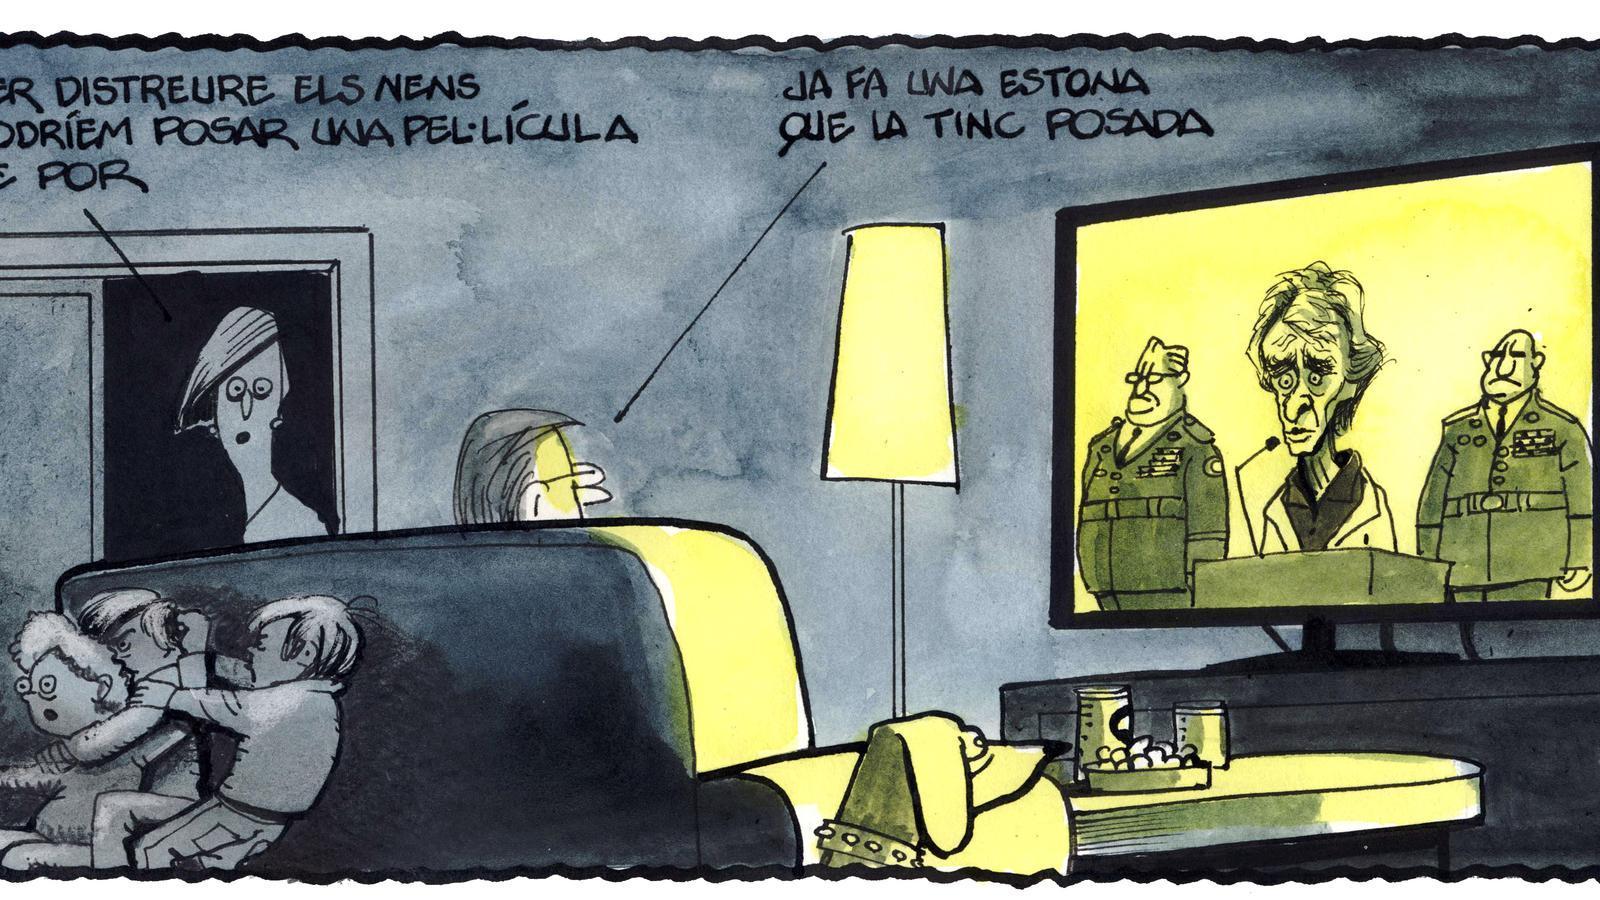 'A la contra', per Ferreres 23/03/2020